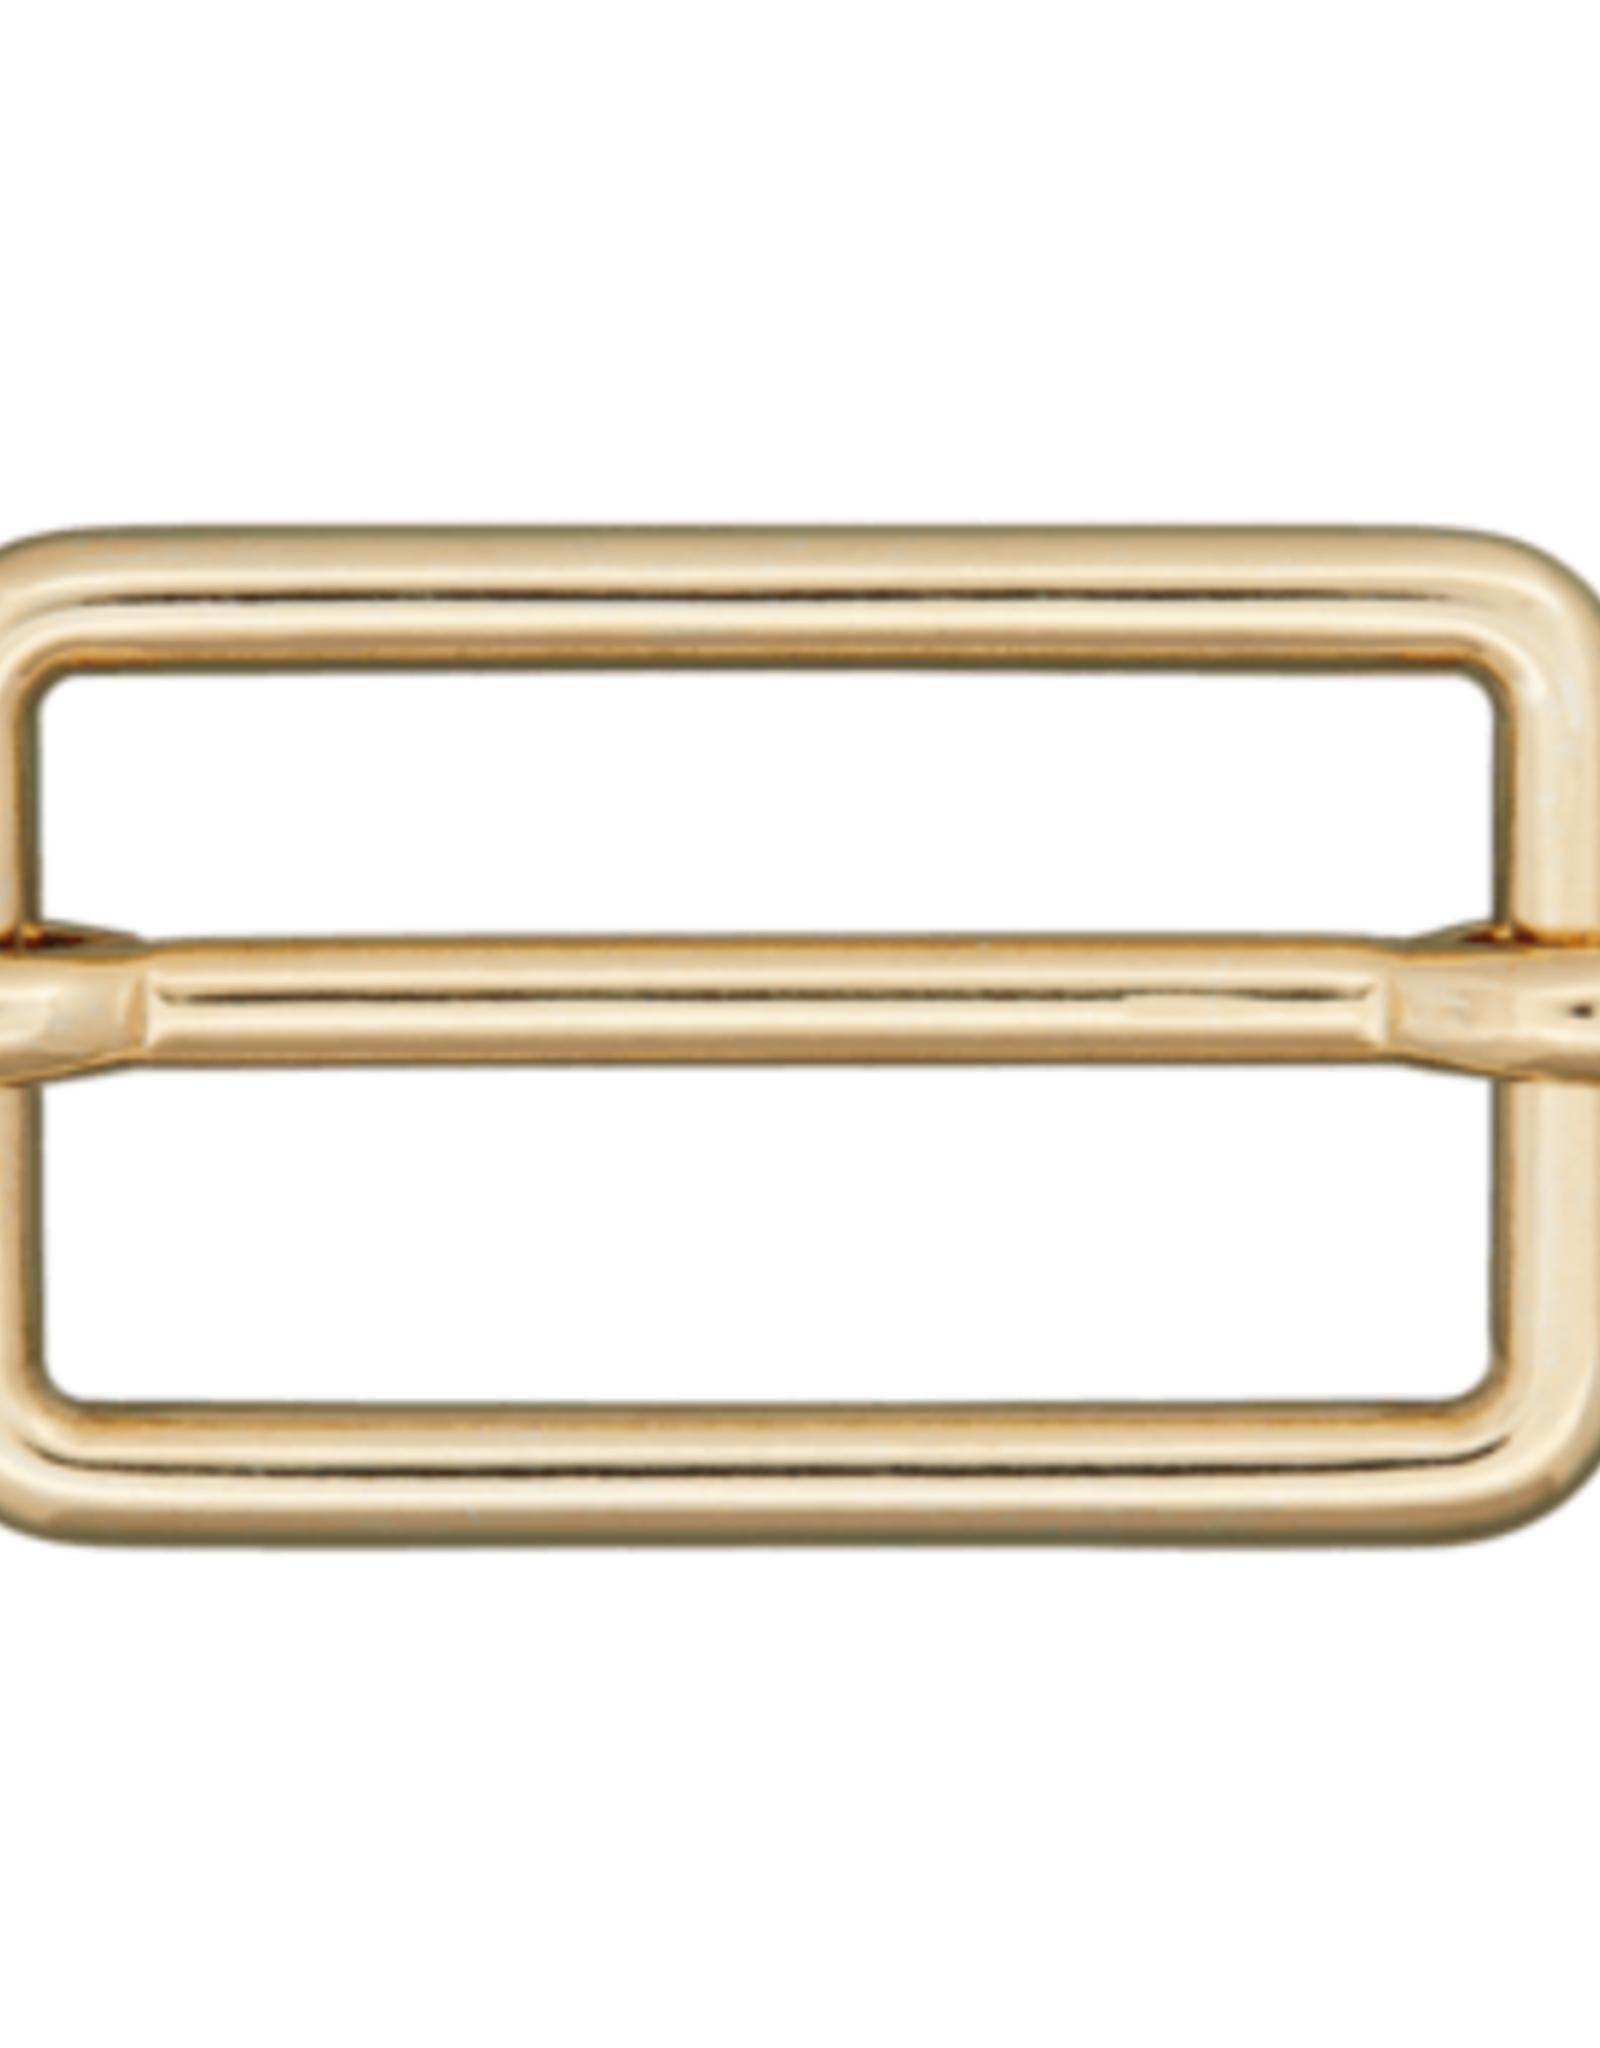 Schuifgesp 30mm - Goud